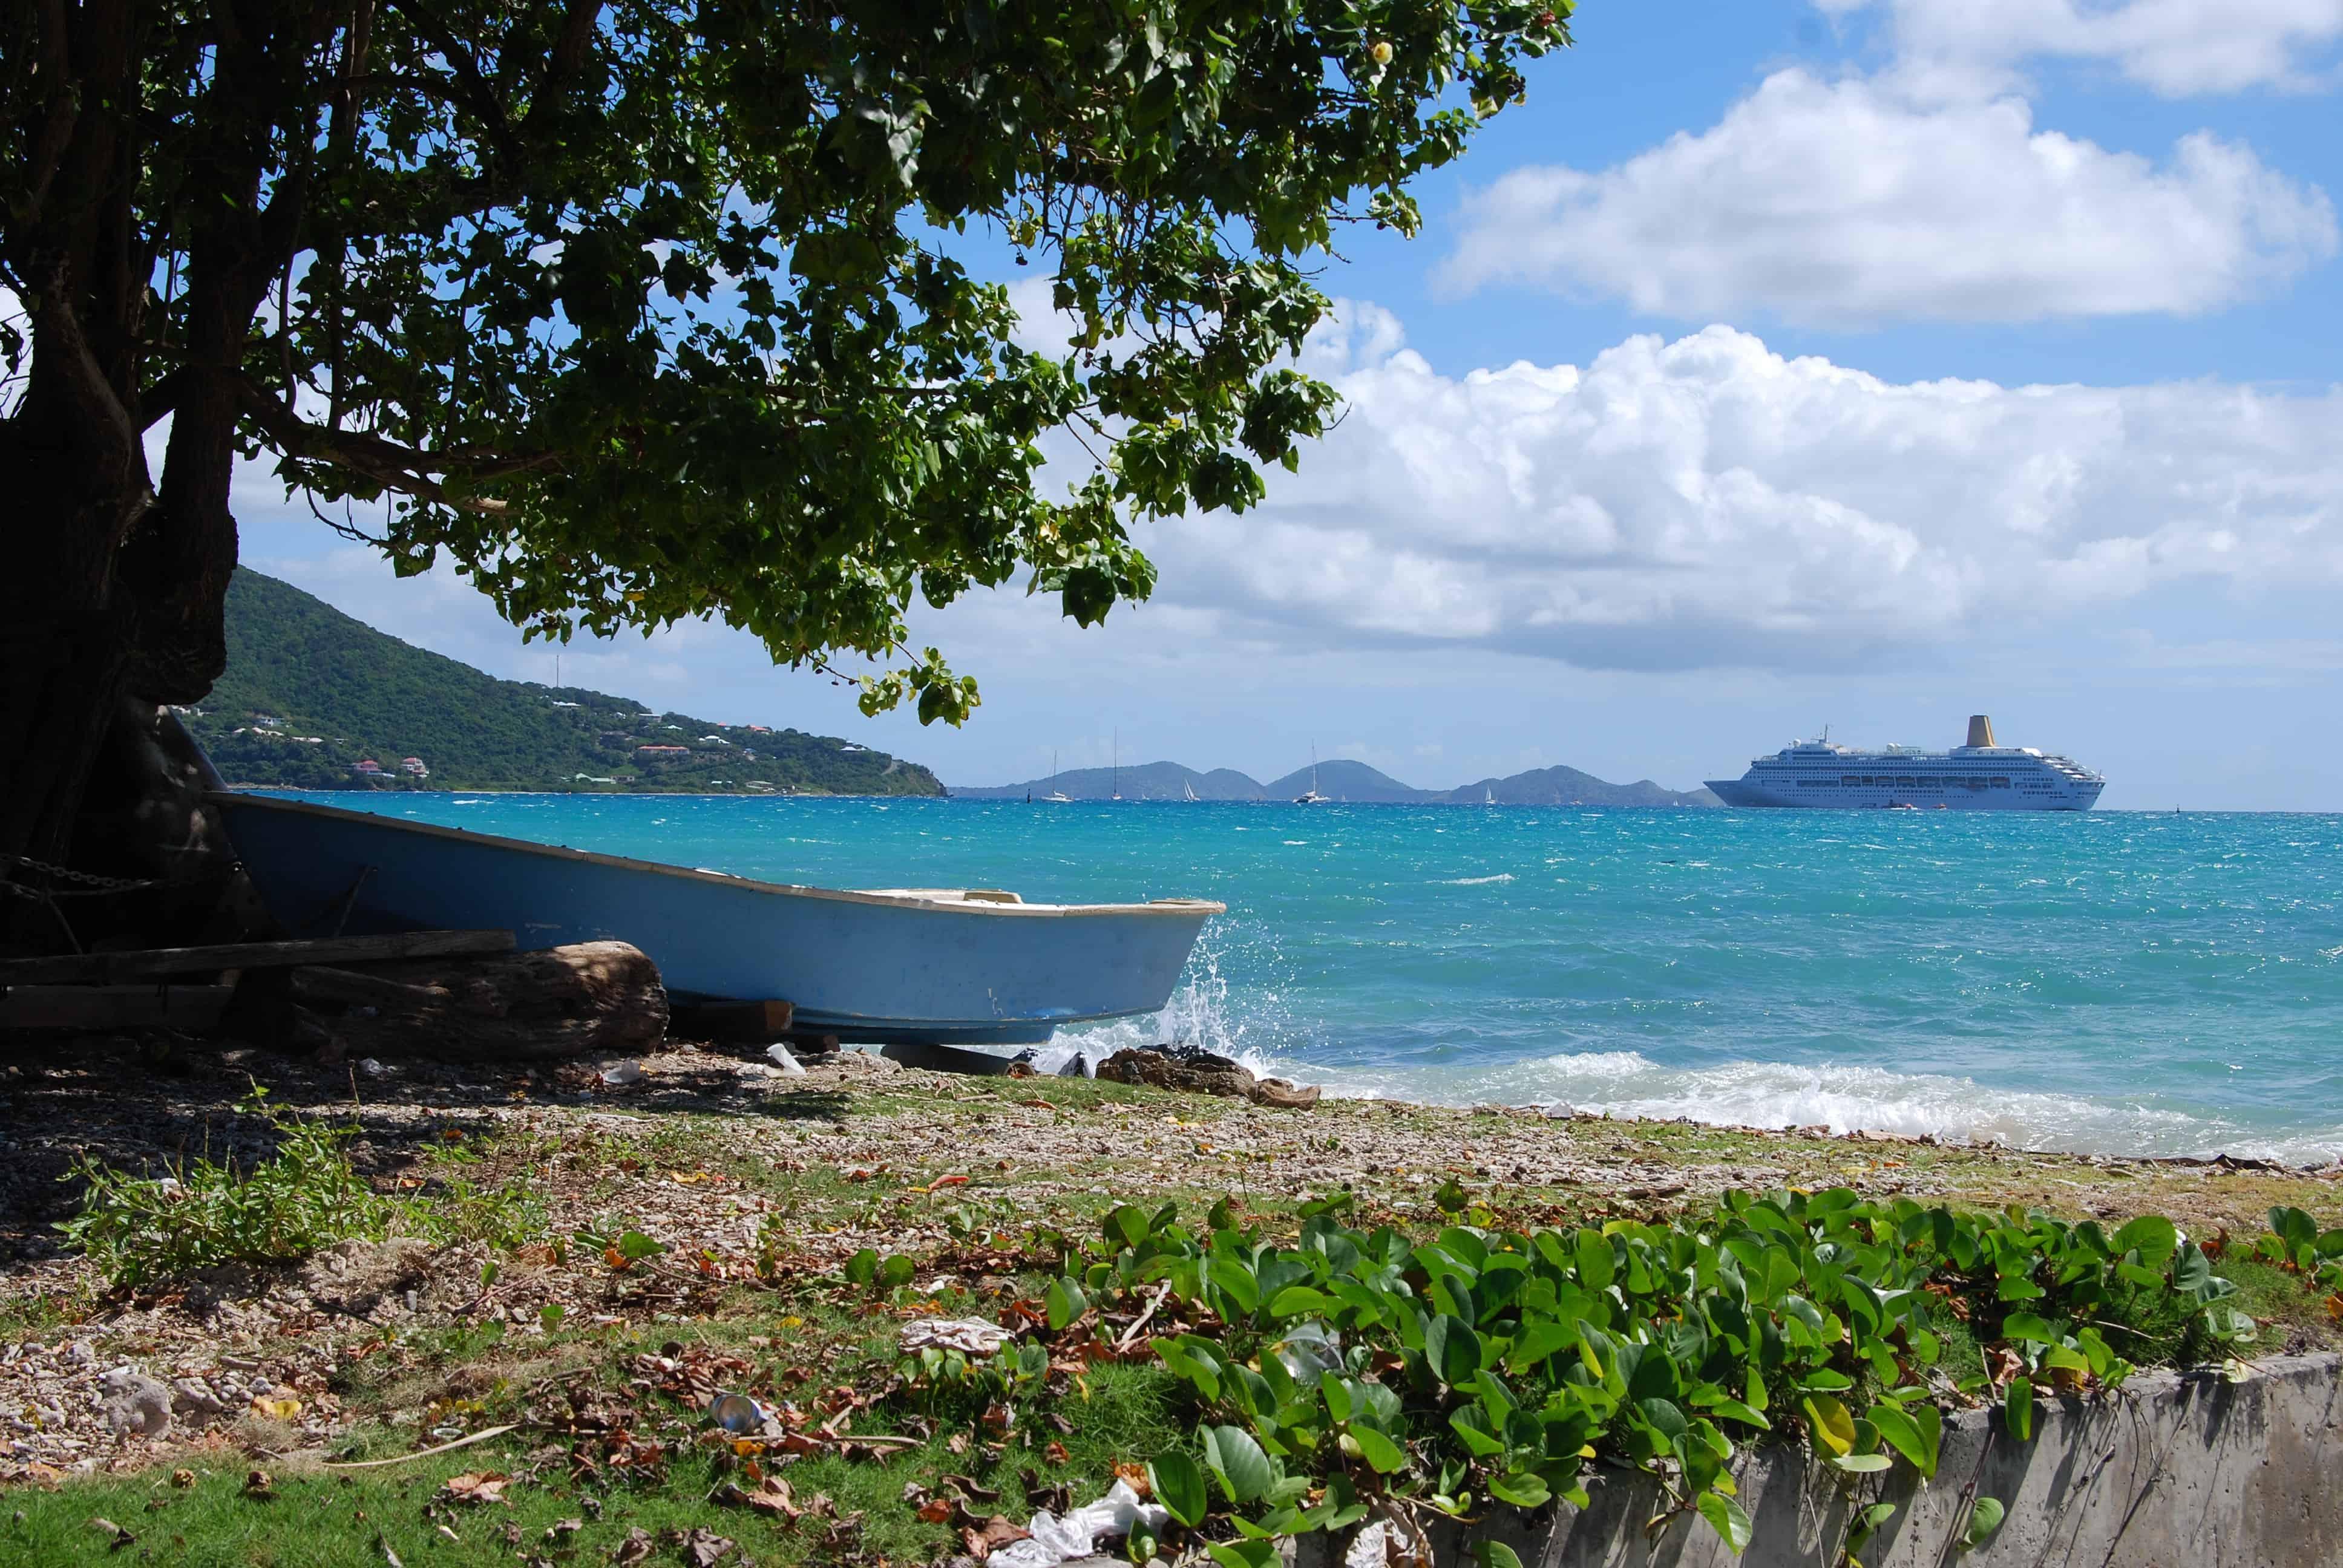 Idyll-mit-Kreuzfahrtschiff-vor-Tortola-Britsh-Virgin-Islands-Karibik